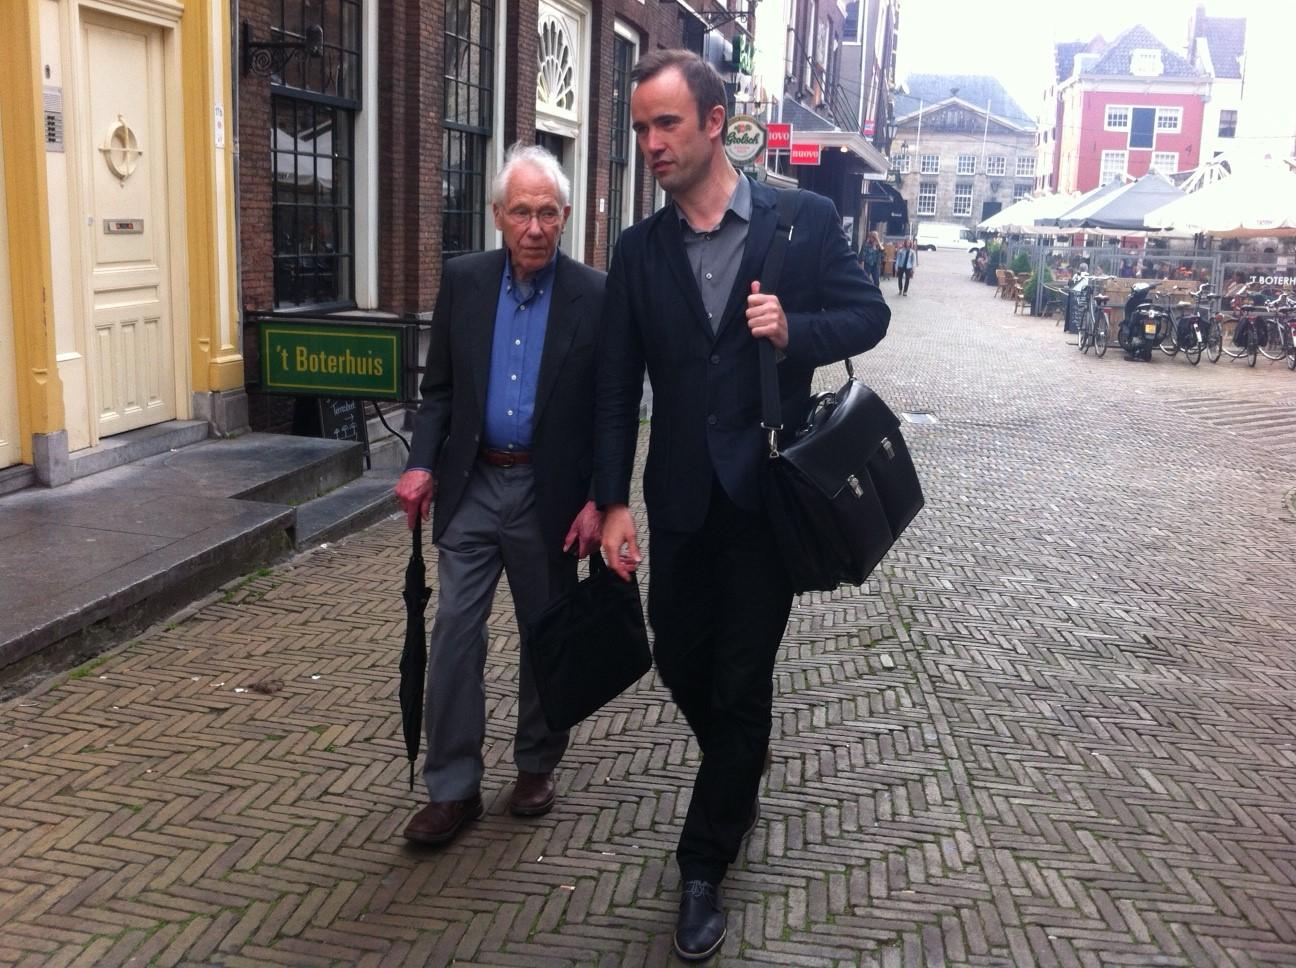 02_John Habraken en Tom Avermaete.JPG